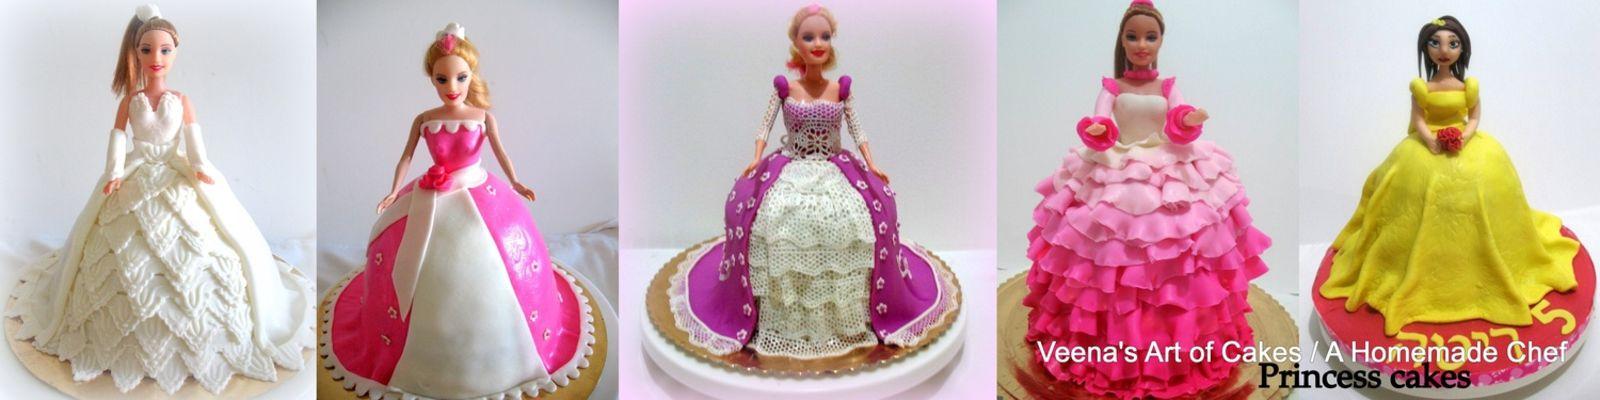 Medium_princess-cakes